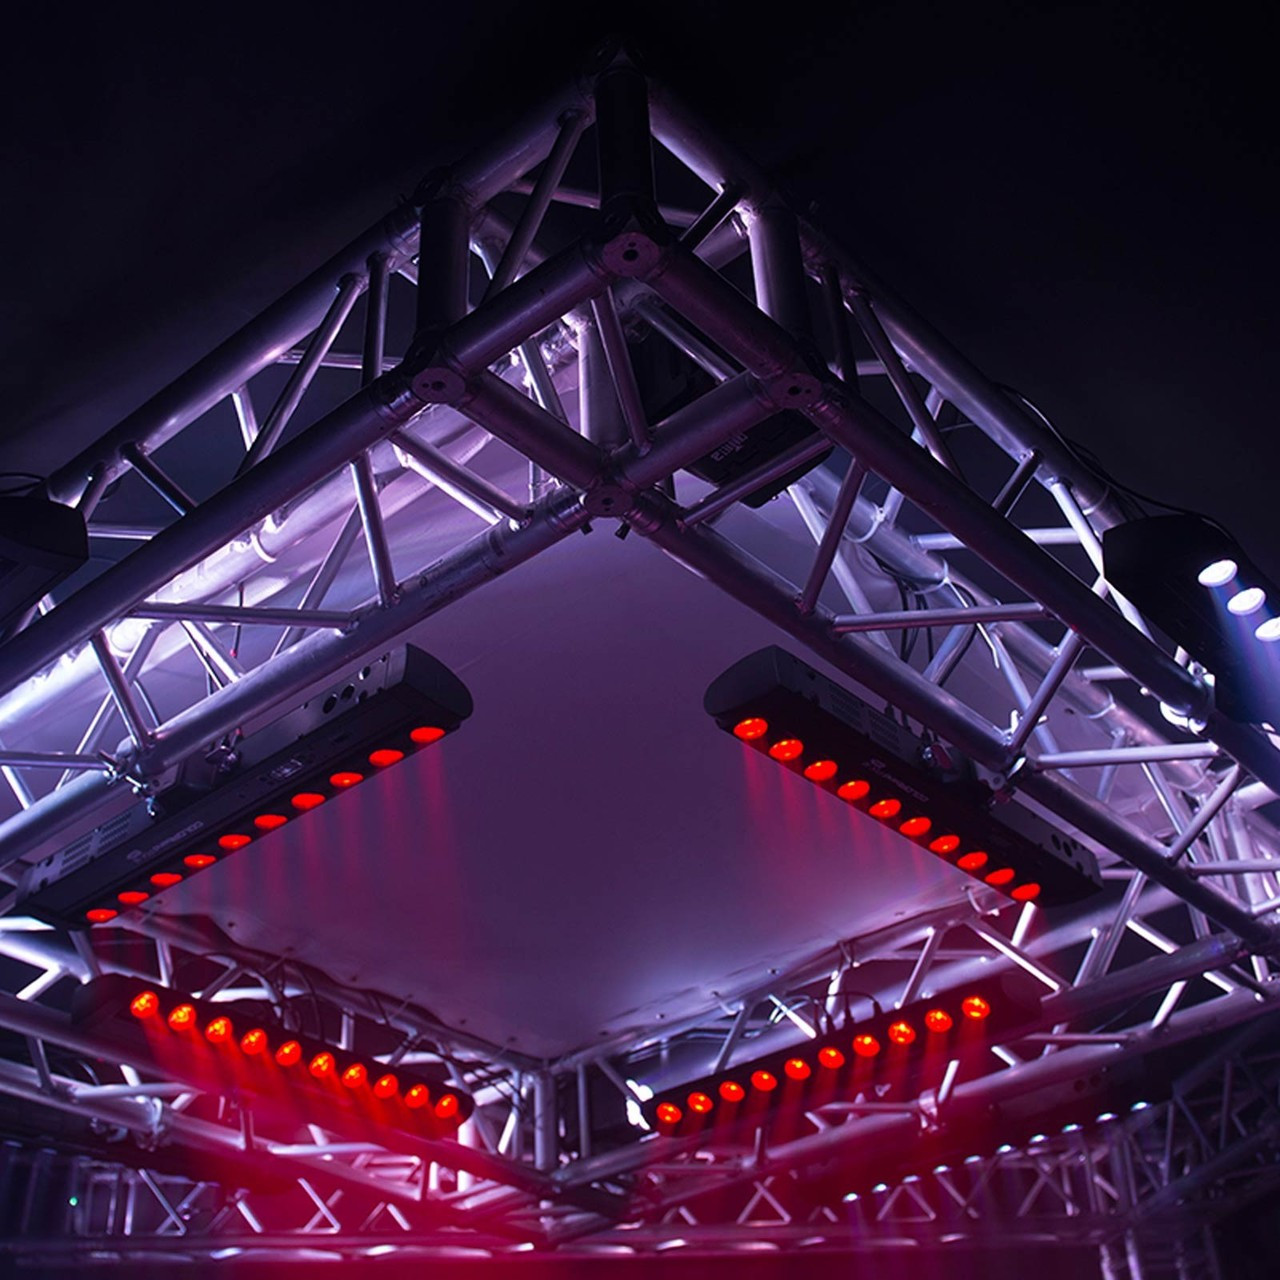 Chauvet DJ COLORband PiX-M USB LED Moving LED Strip Light